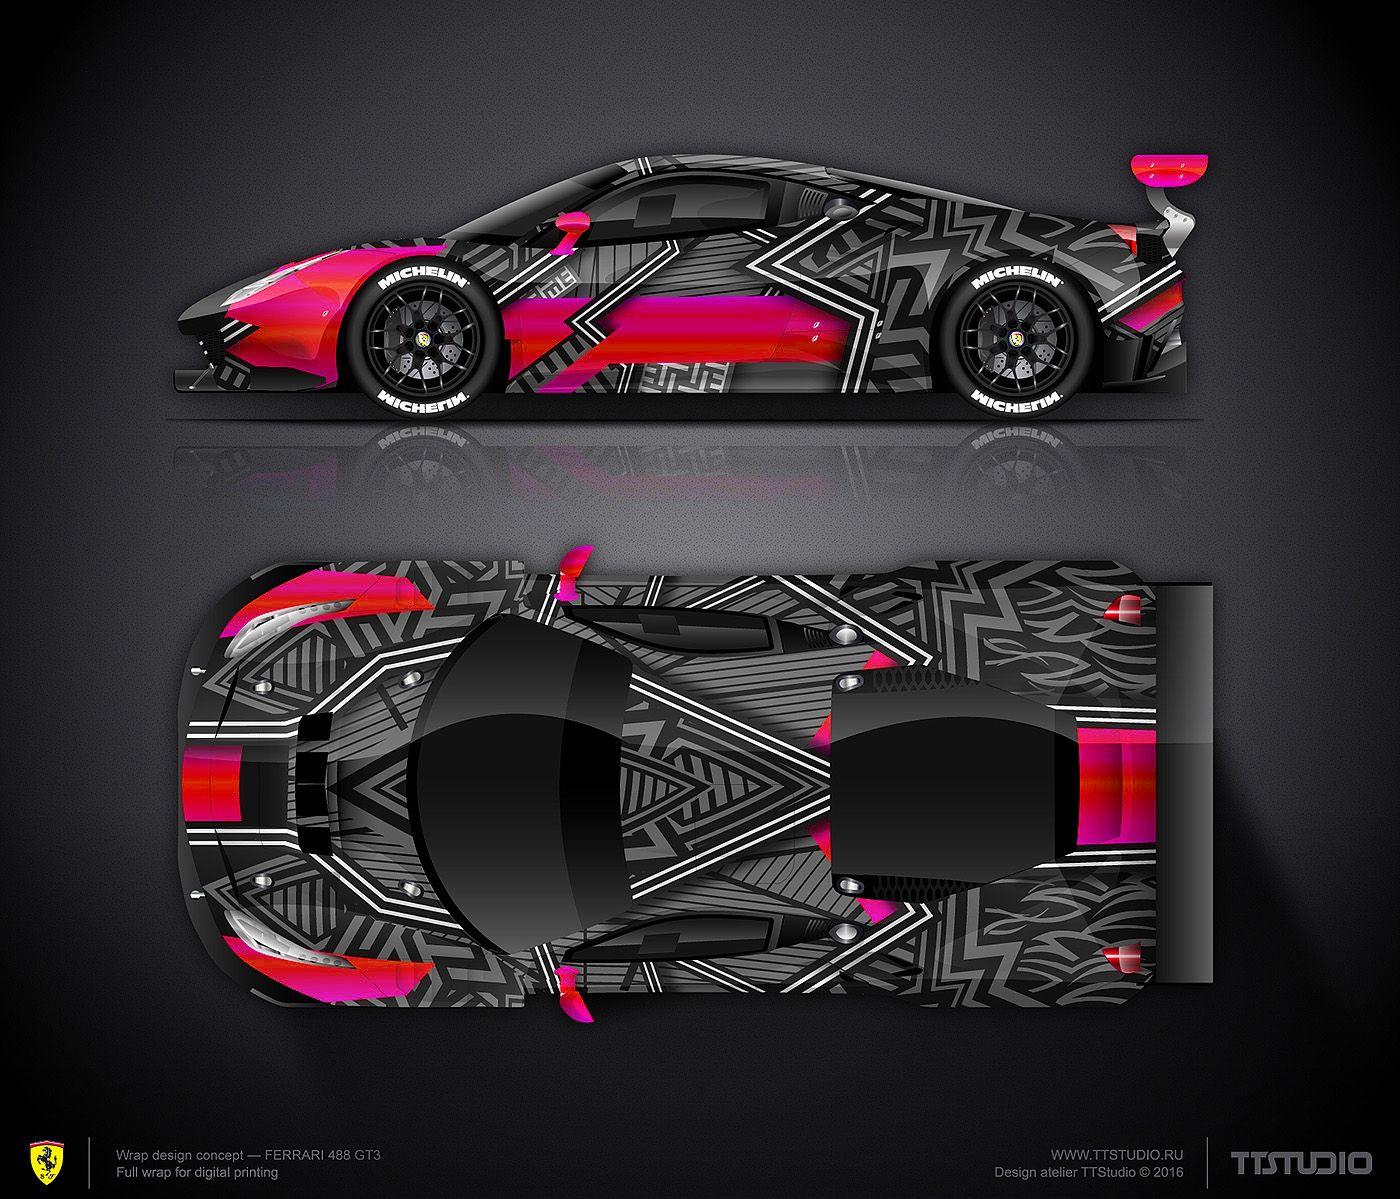 wrap design concept art car for ferrari f488 gt3 for sale design pinterest. Black Bedroom Furniture Sets. Home Design Ideas